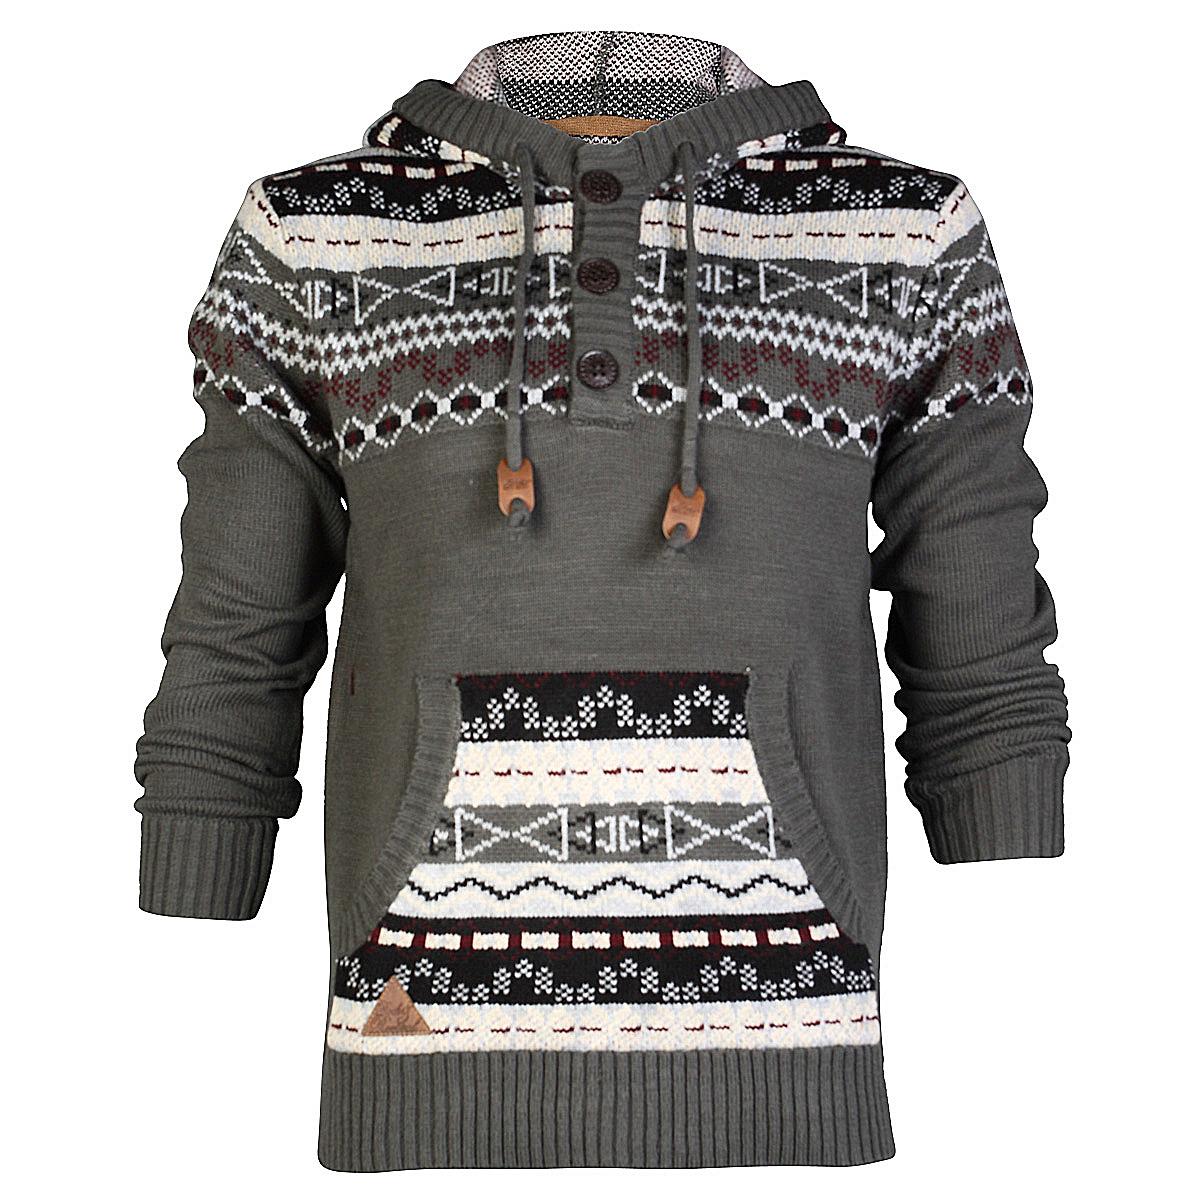 rock revival herren cardigan grob strick langarm winter pullover gr s xl ebay. Black Bedroom Furniture Sets. Home Design Ideas